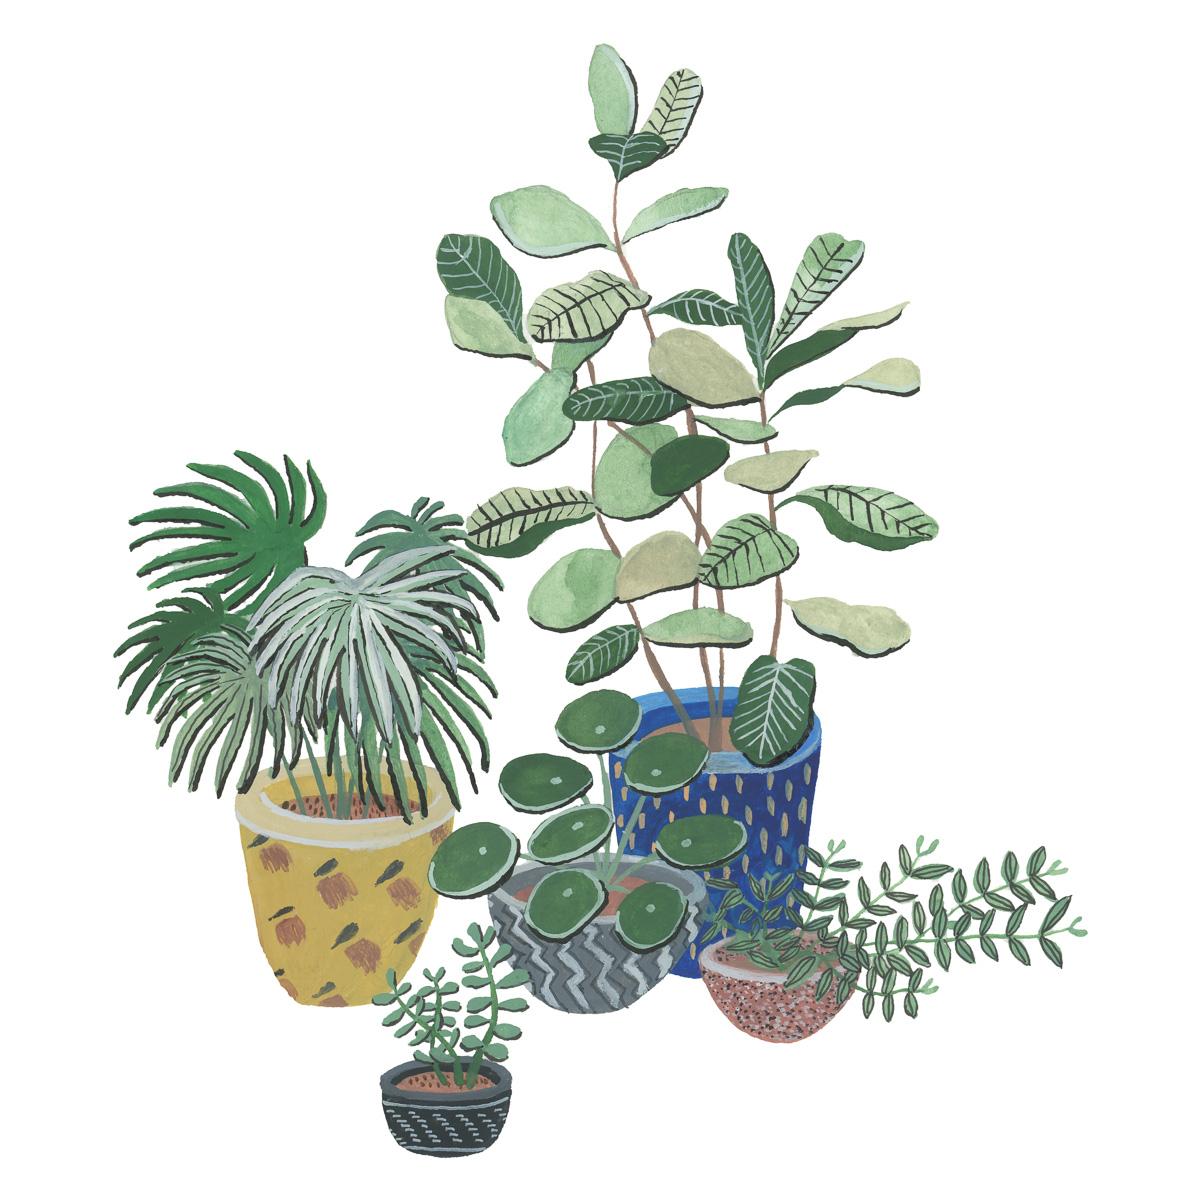 planten-stilleven-plantenillustratie-plantenschilderij-lacabaneenvoyage9.jpg